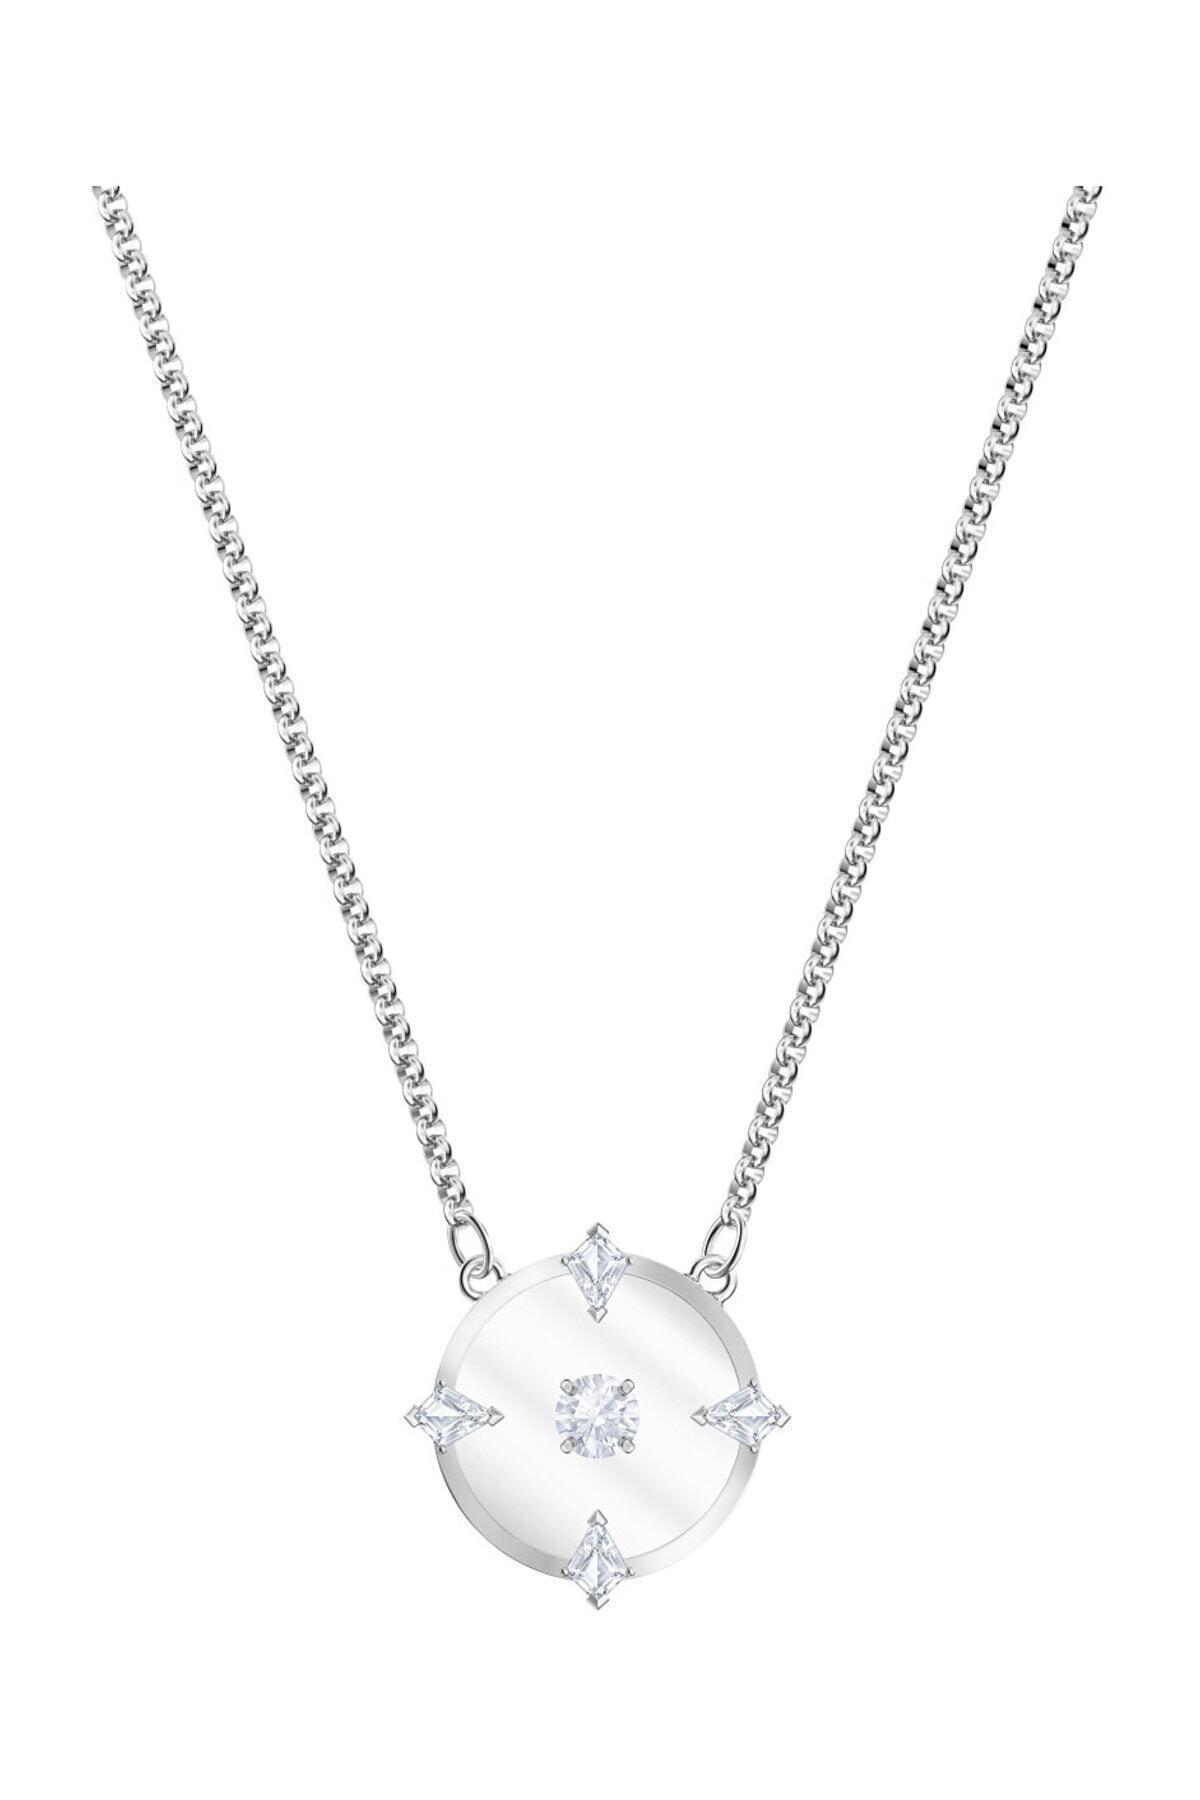 Swarovski Kolye North:Necklace Glass Czwh/Rhs 5497232 1